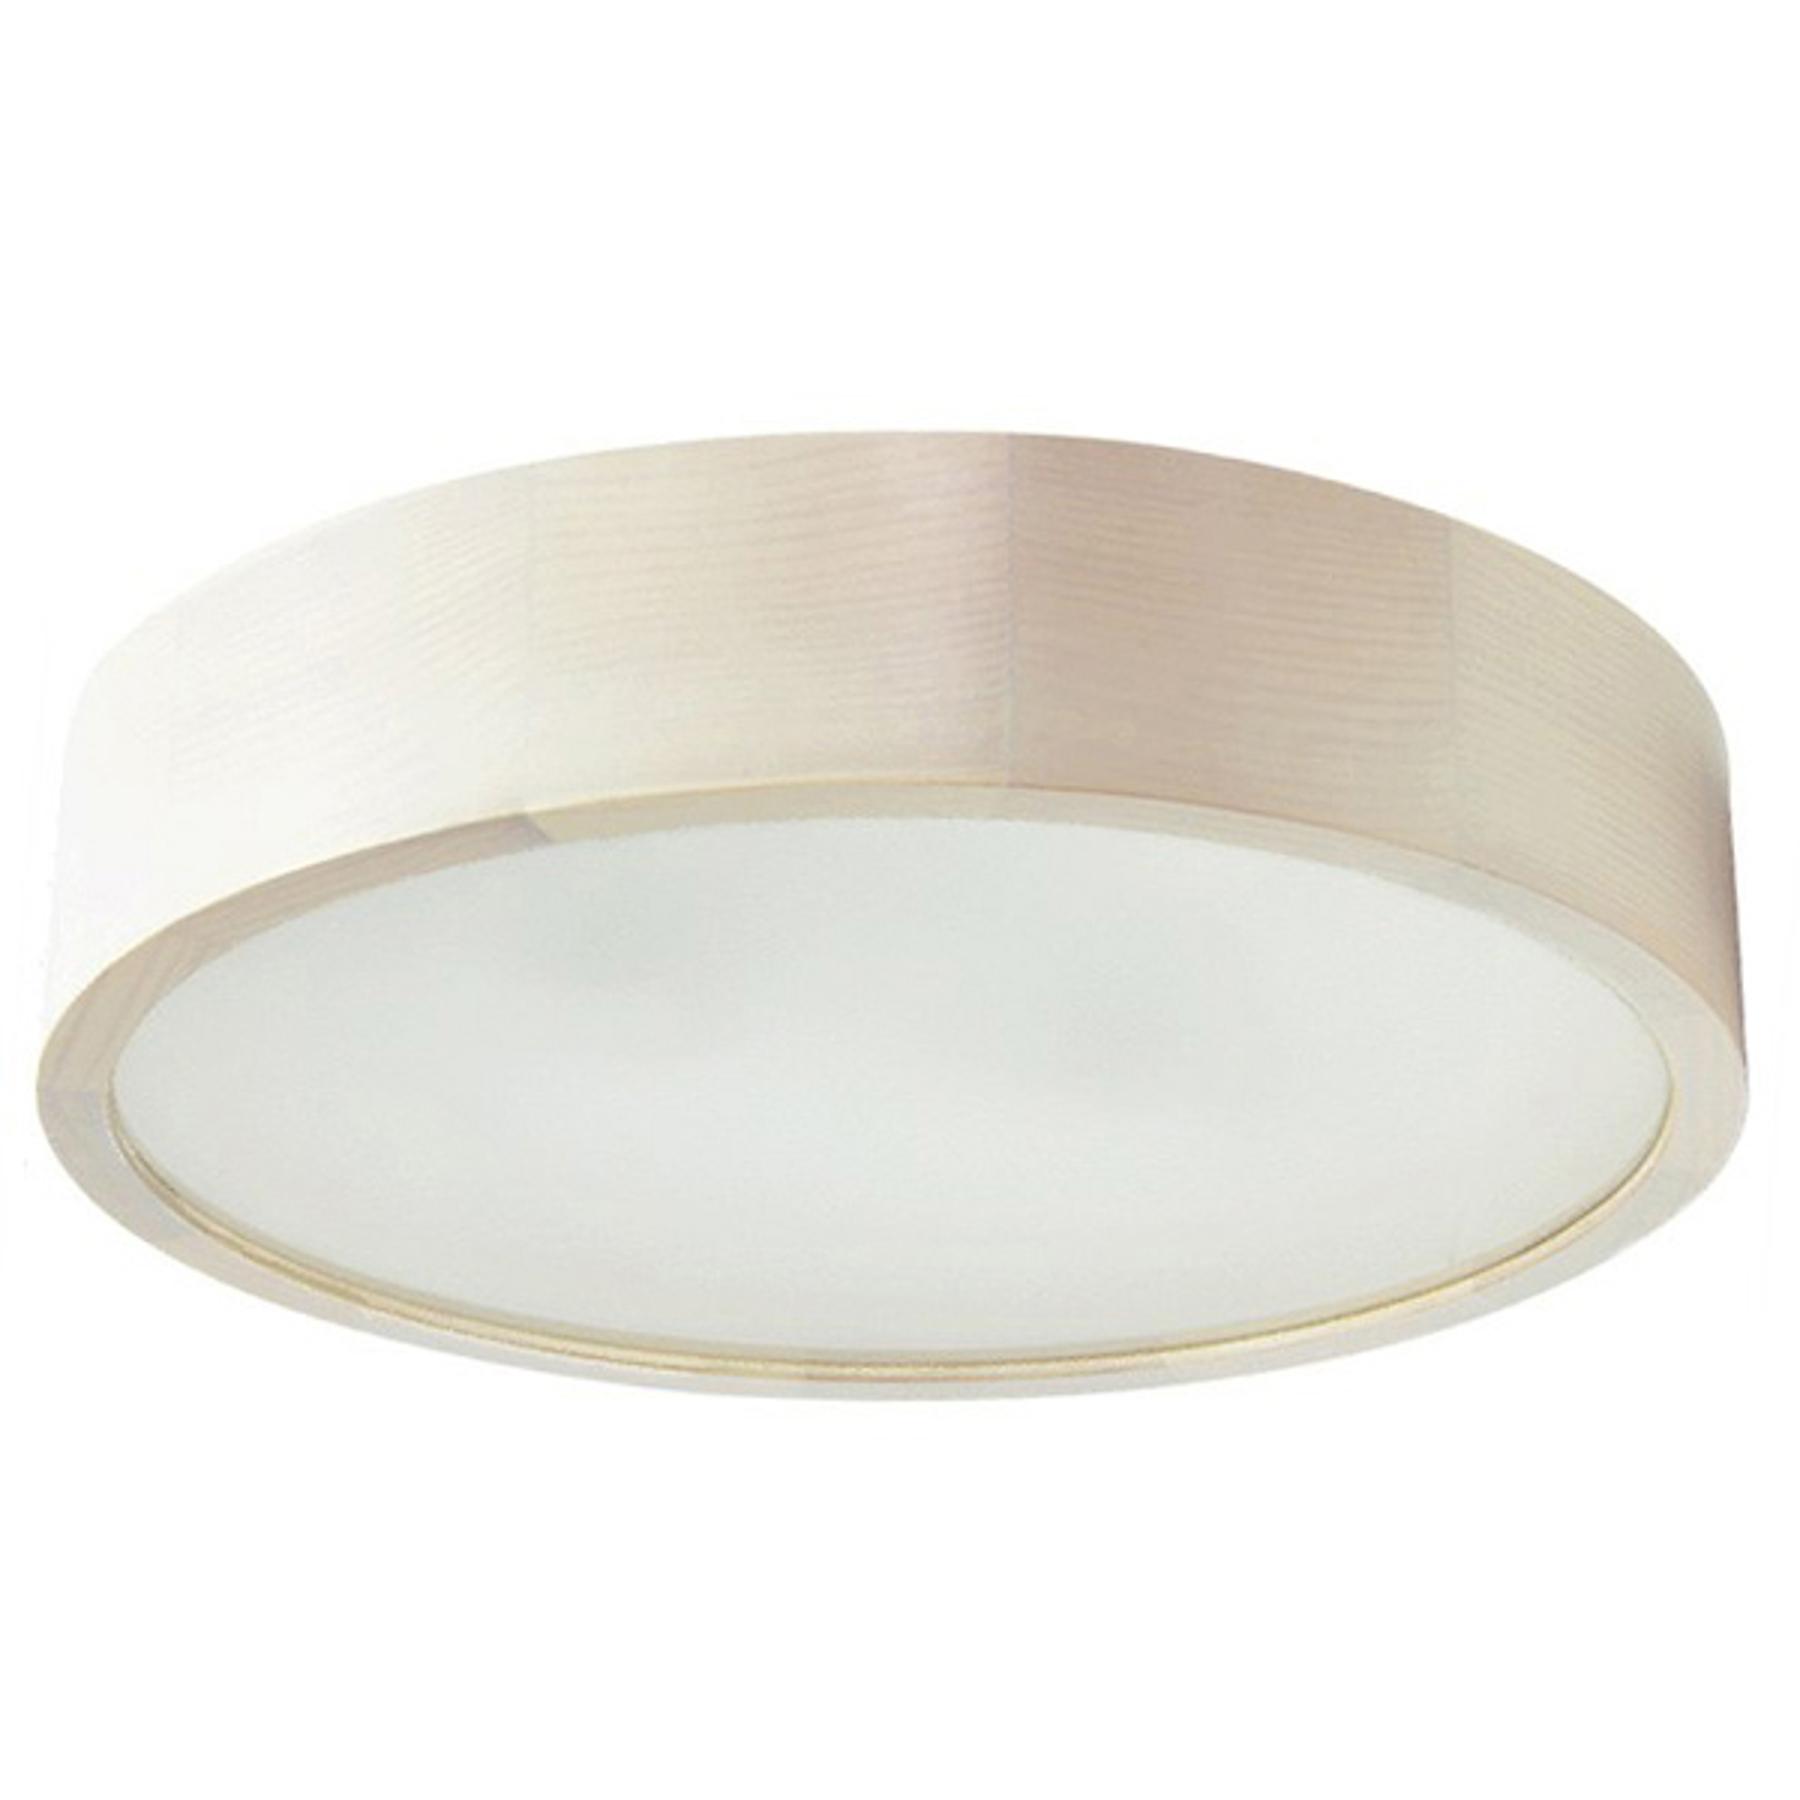 LED-Deckenleuchte Cleo, Ø 28 cm, weiß